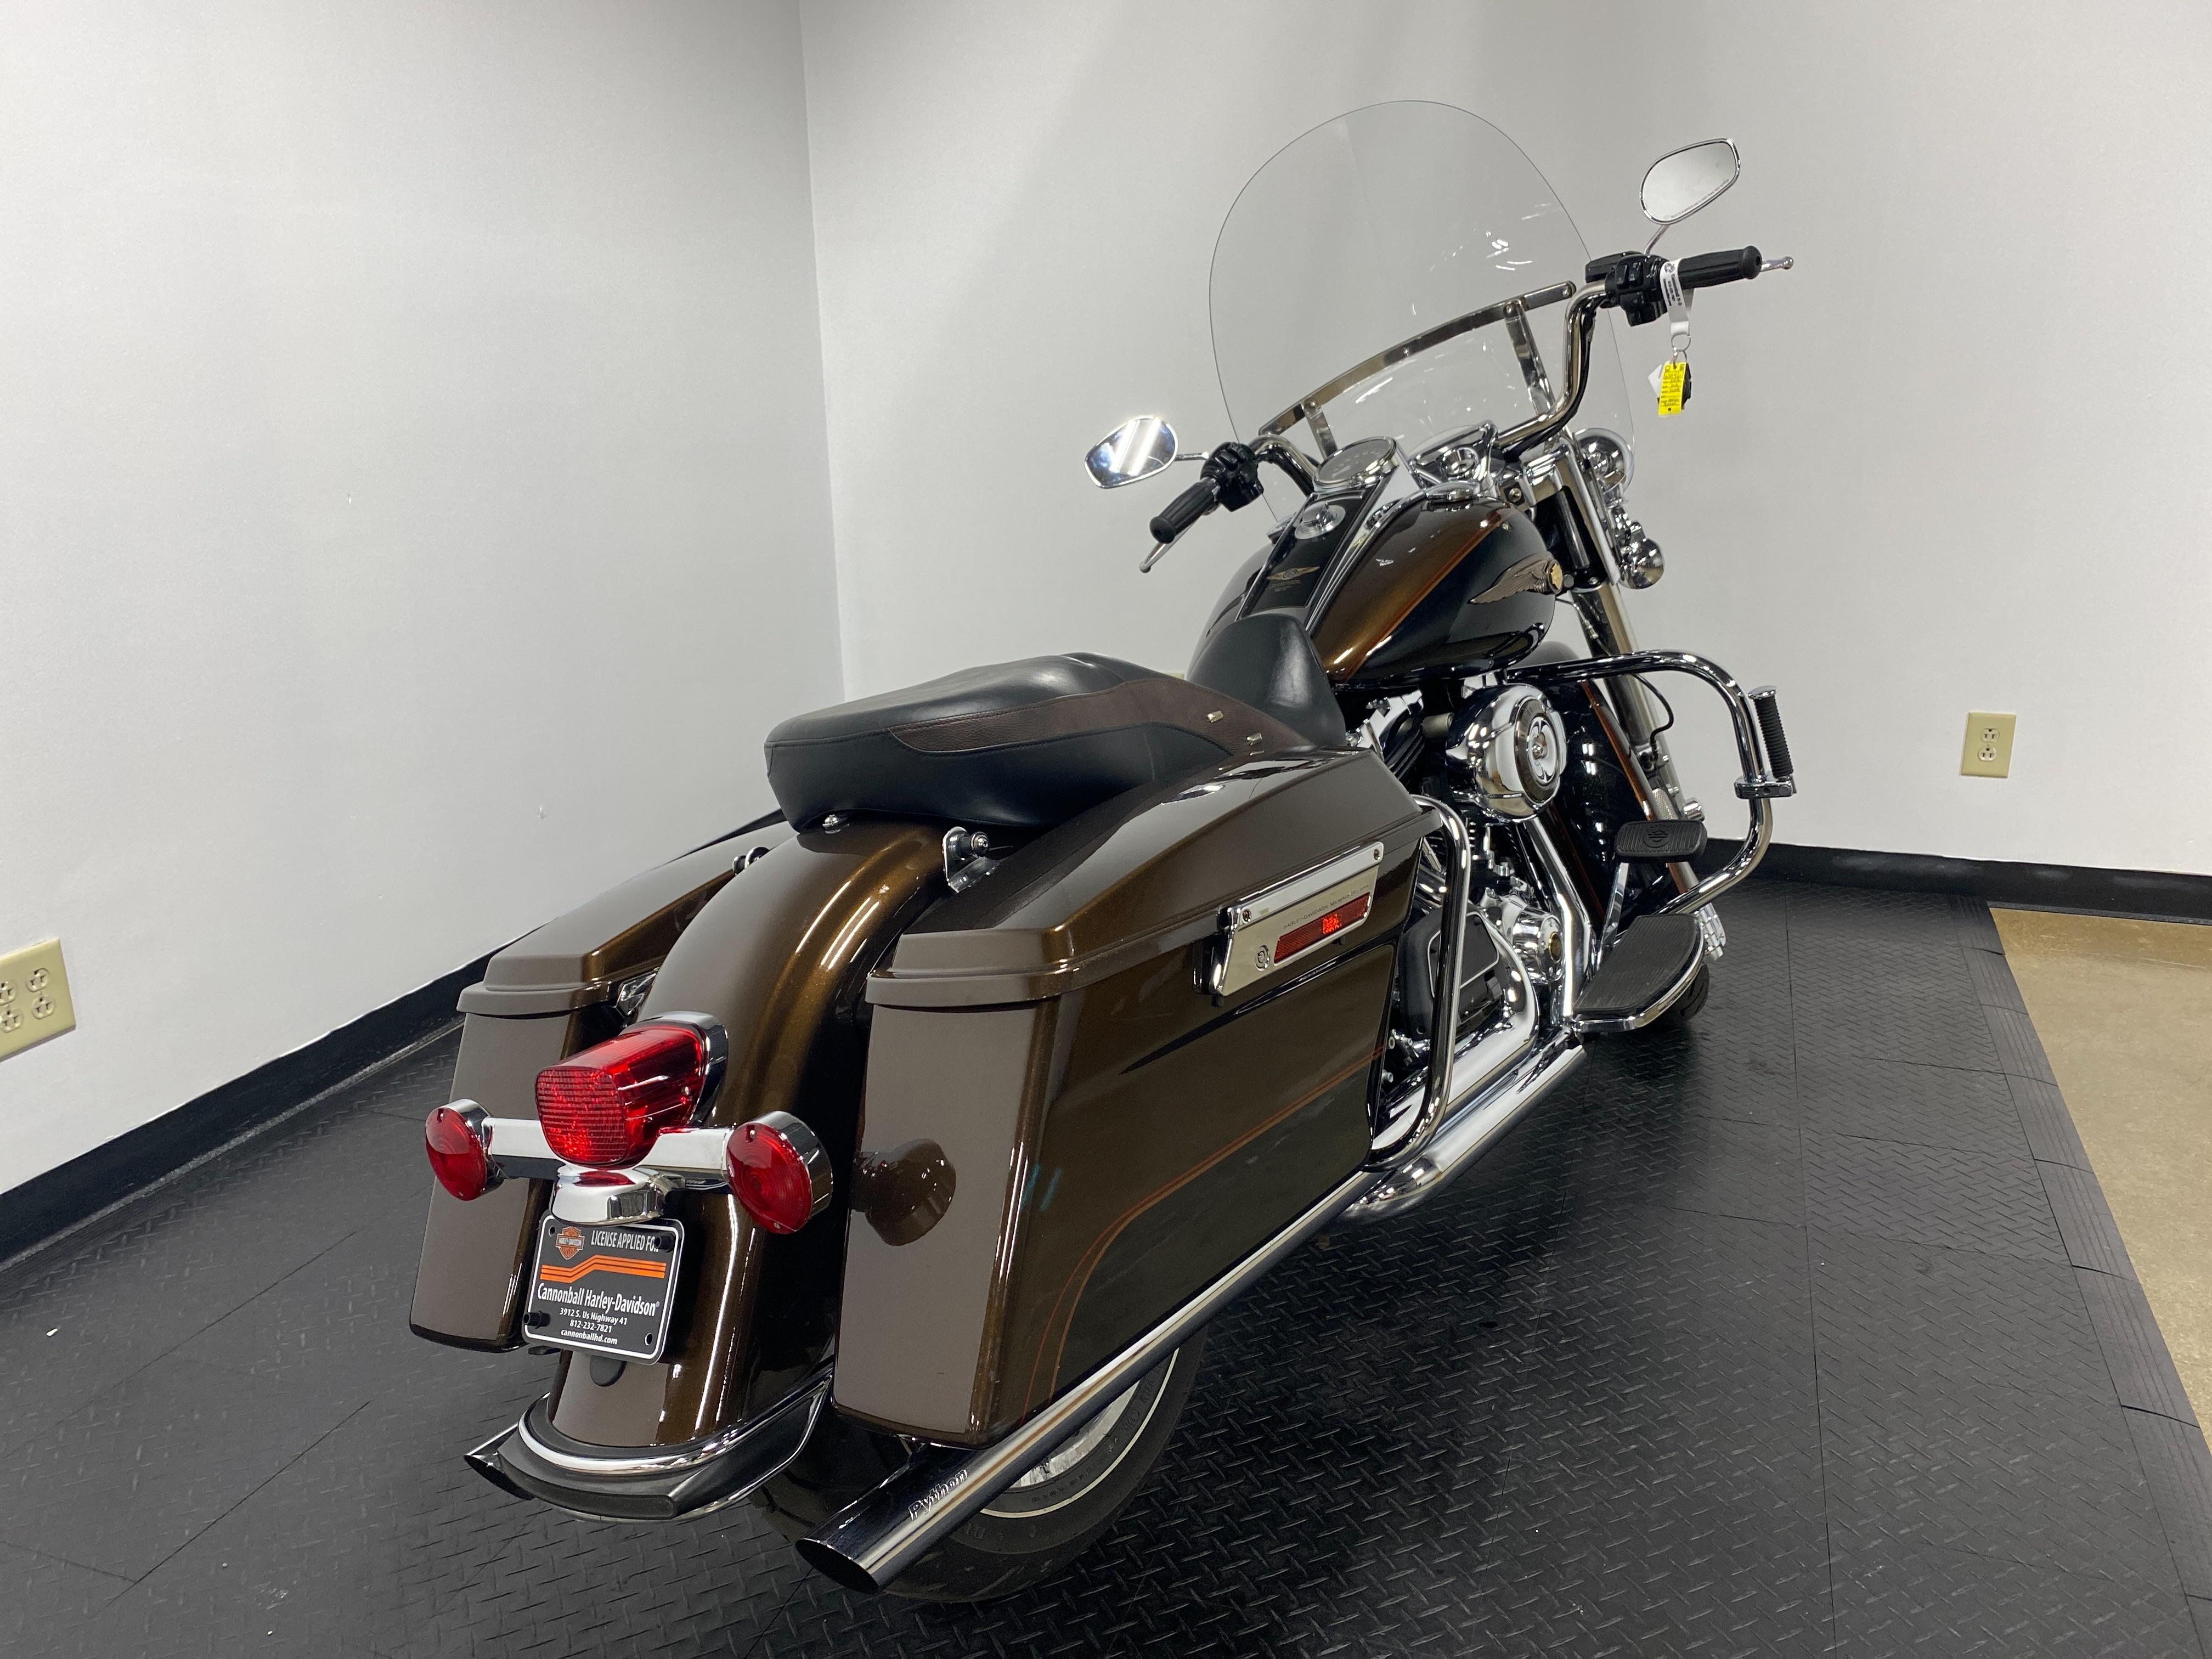 2013 Harley-Davidson Road King 110th Anniversary Edition at Cannonball Harley-Davidson